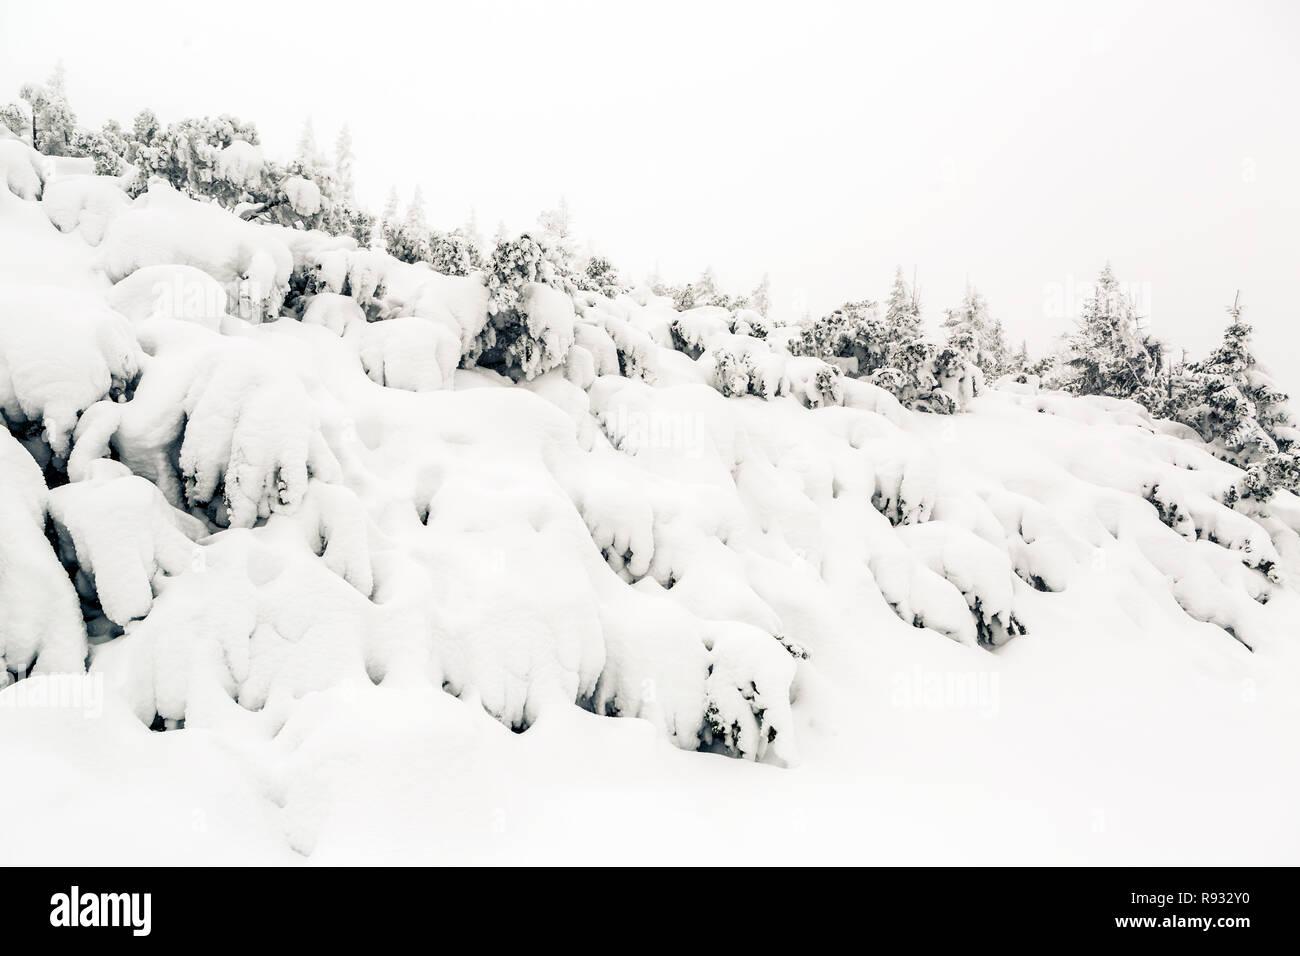 Winter Forest, weiße Bäume inspirierende Landschaft. Tiefschnee auf Pinien. Schönen inspirierenden Szene mit kopieren. Stockbild